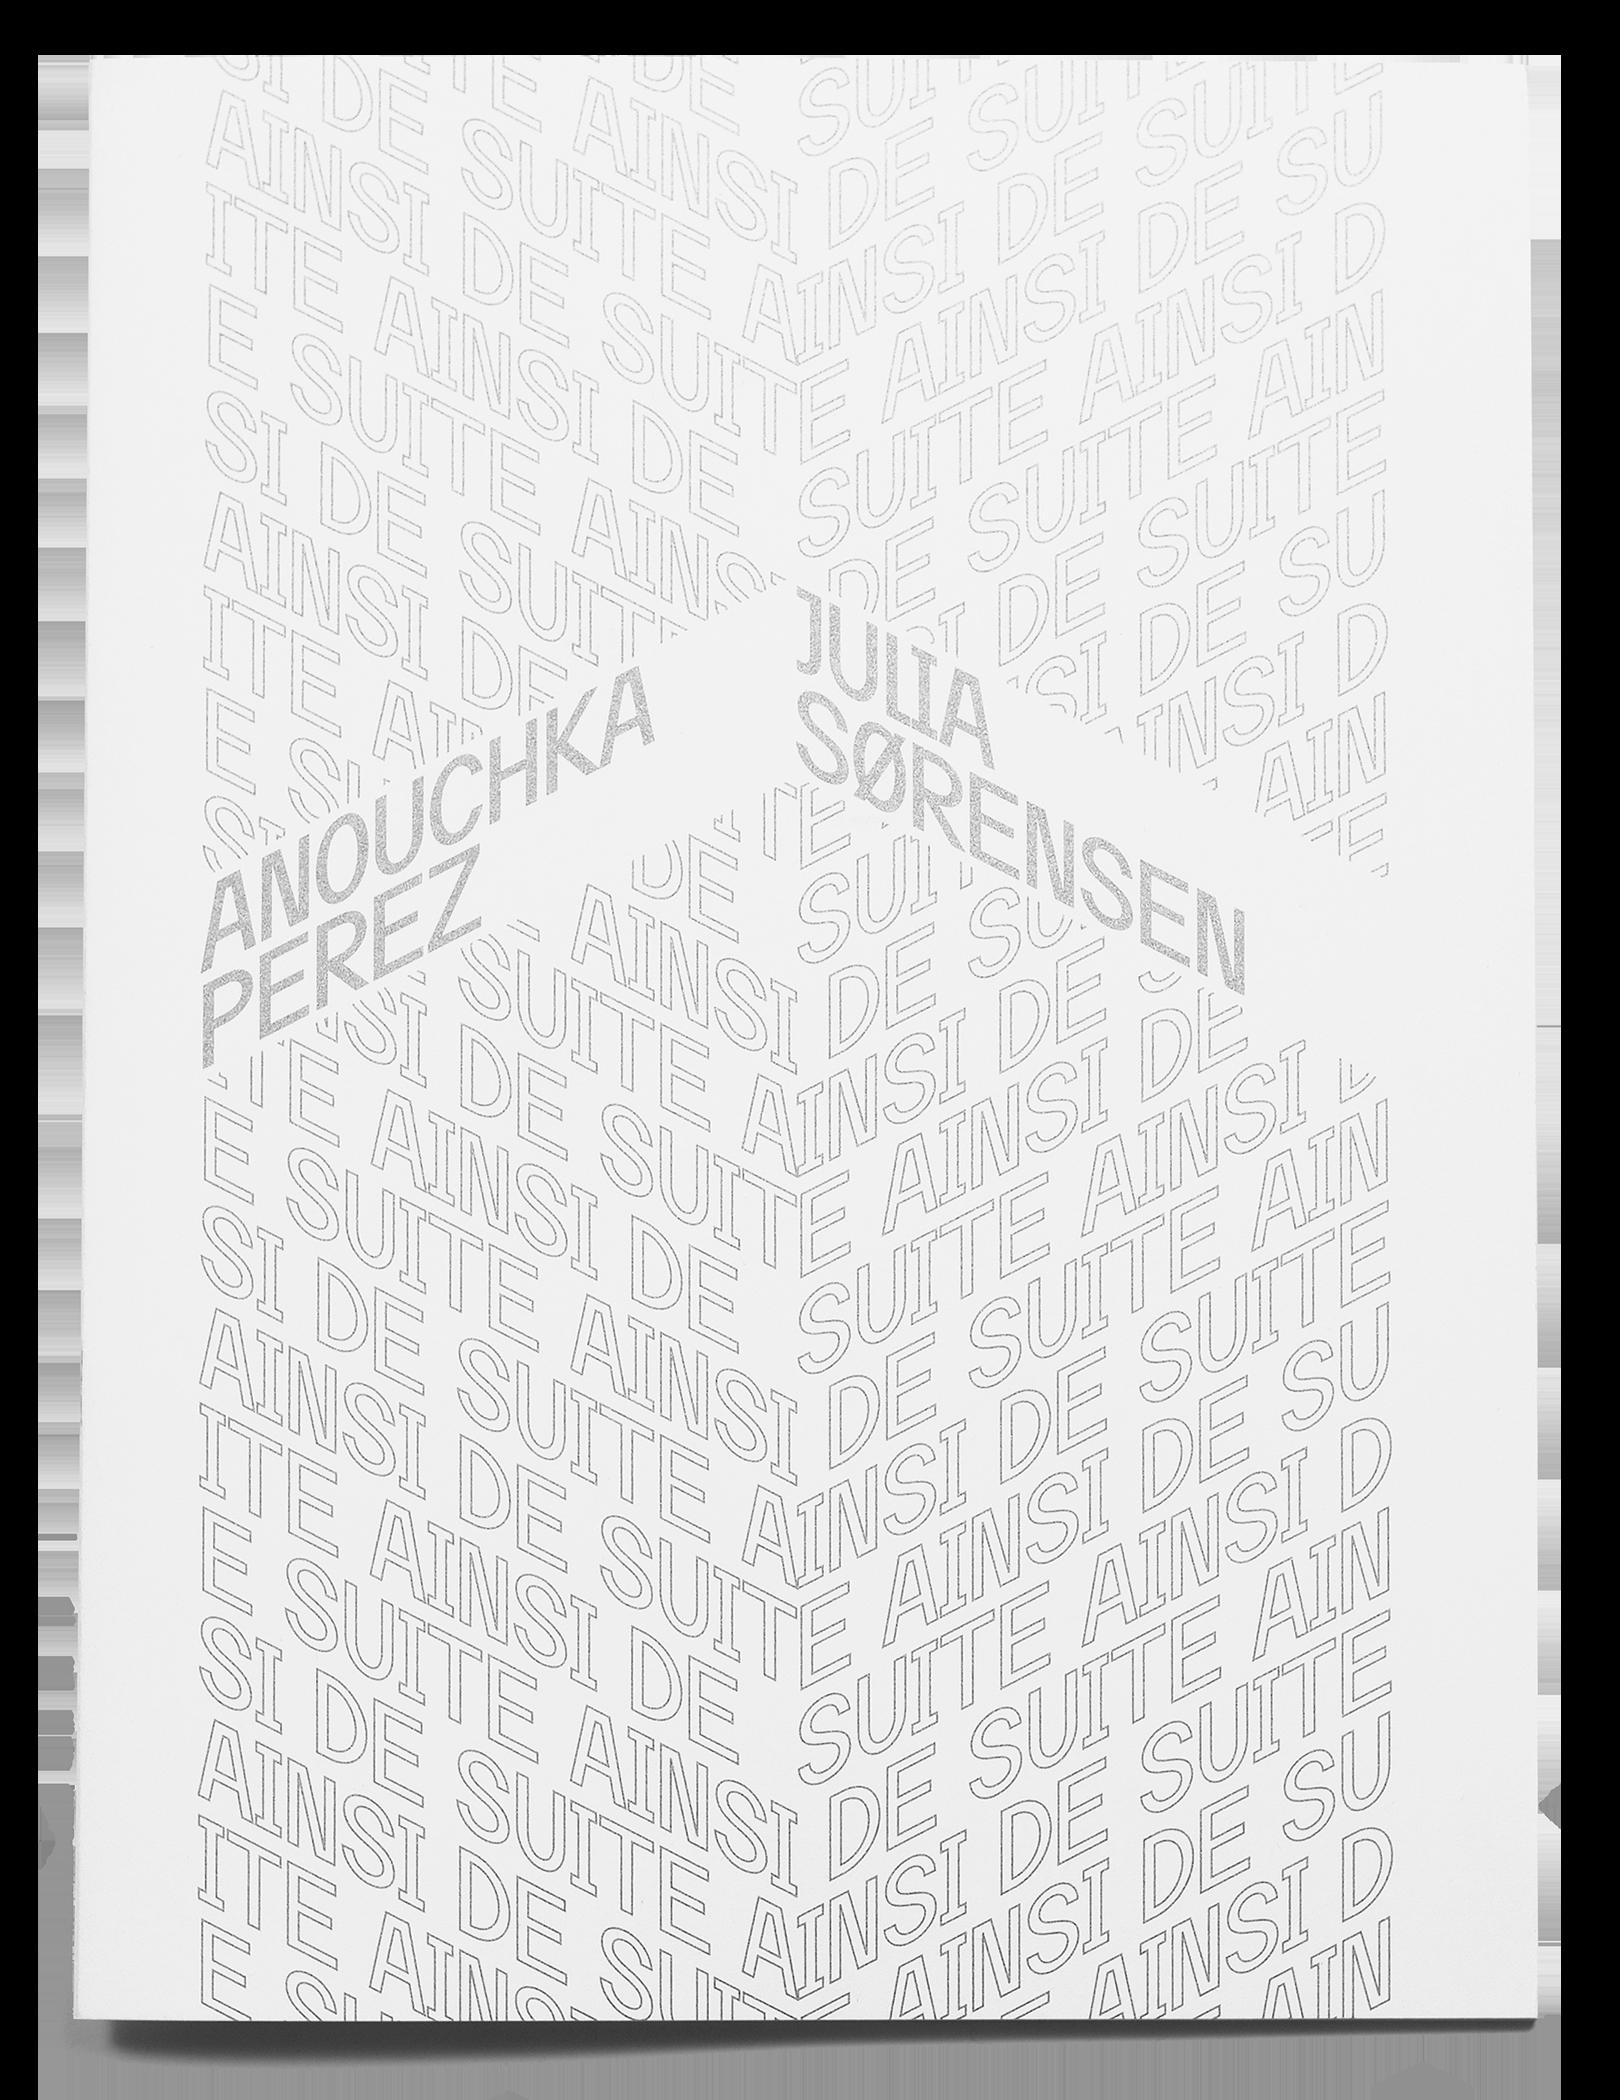 Couverture typographique de la brochure d'exposition de Anouchka Perez et Julia Sorensen